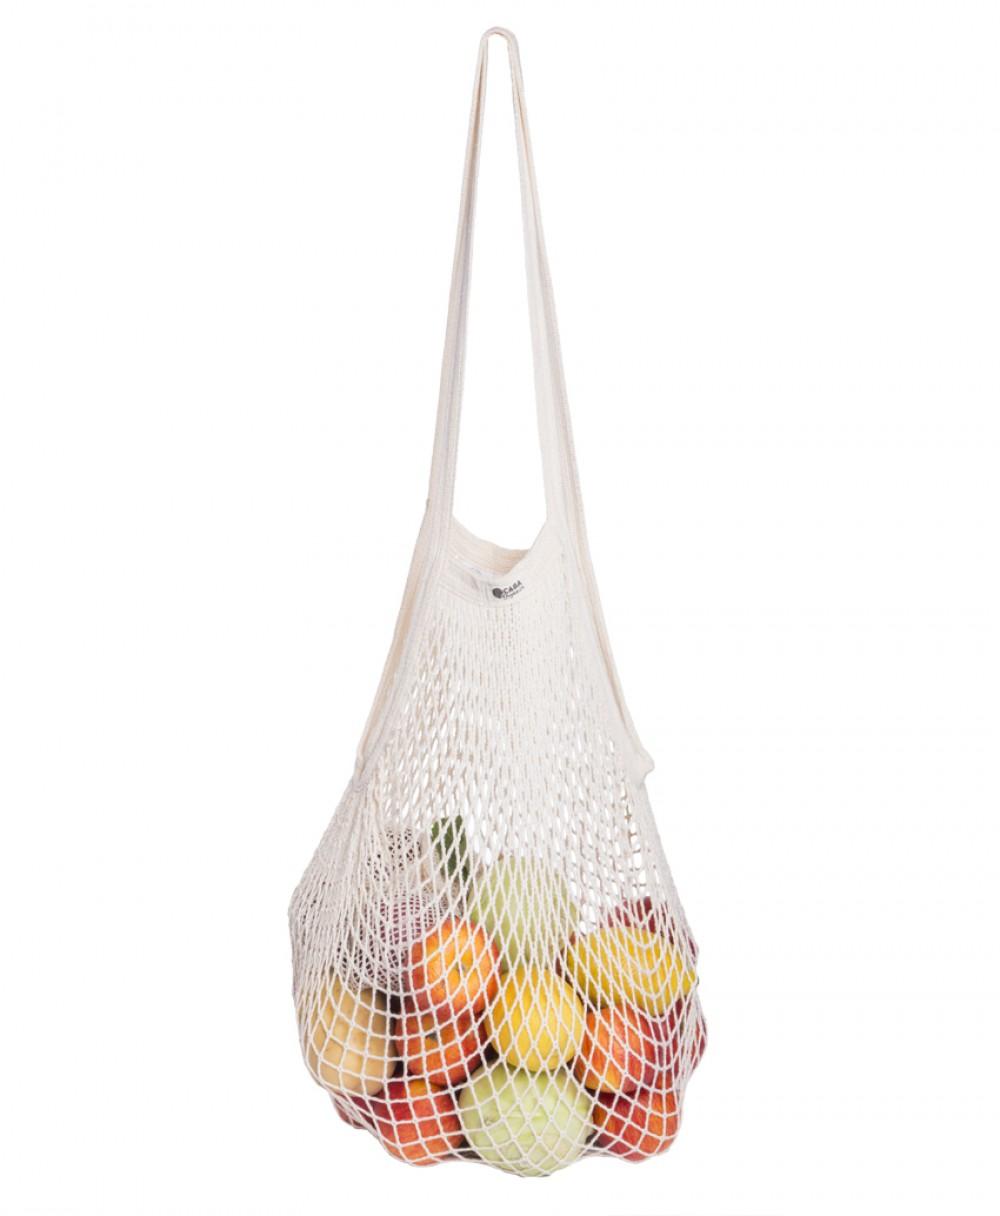 eb822bffe0 Τσάντα Δίχτυ από βιολογικό βαμβάκι κοντή μακριά λαβή - Natural ...